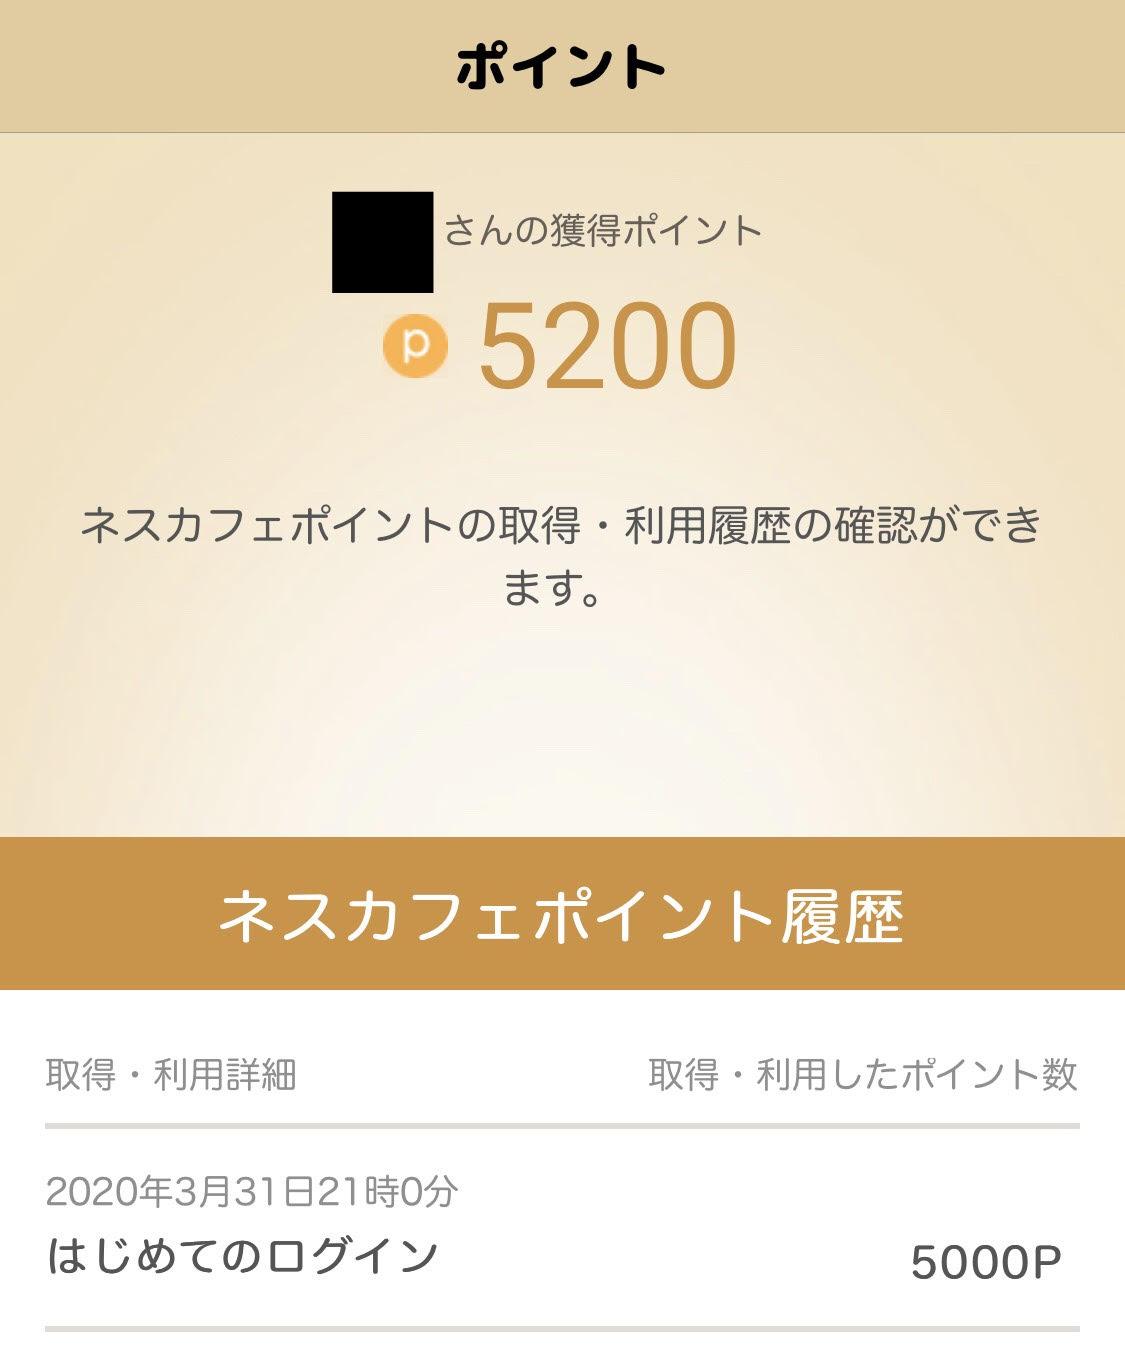 ダウンロードキャンペーン5000ポイント付与